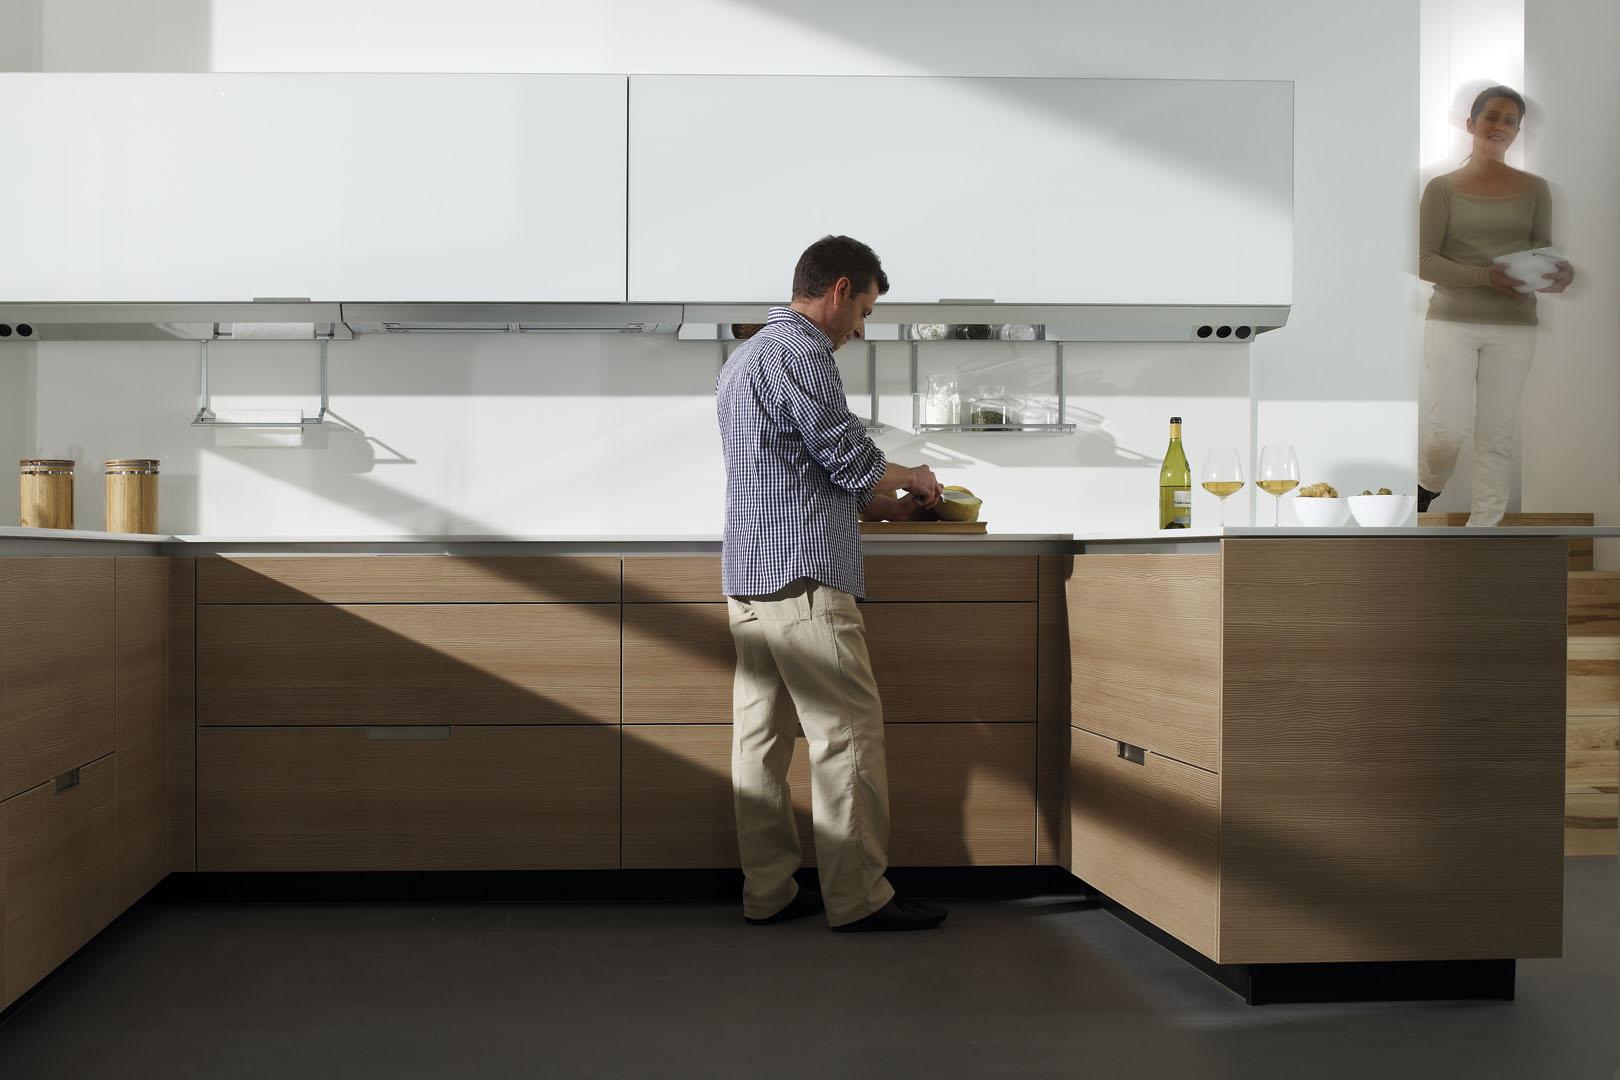 Campanas extractoras de cocina: cómo acertar | Campana integrada pared | Cocinas Santos | Santiago Interiores